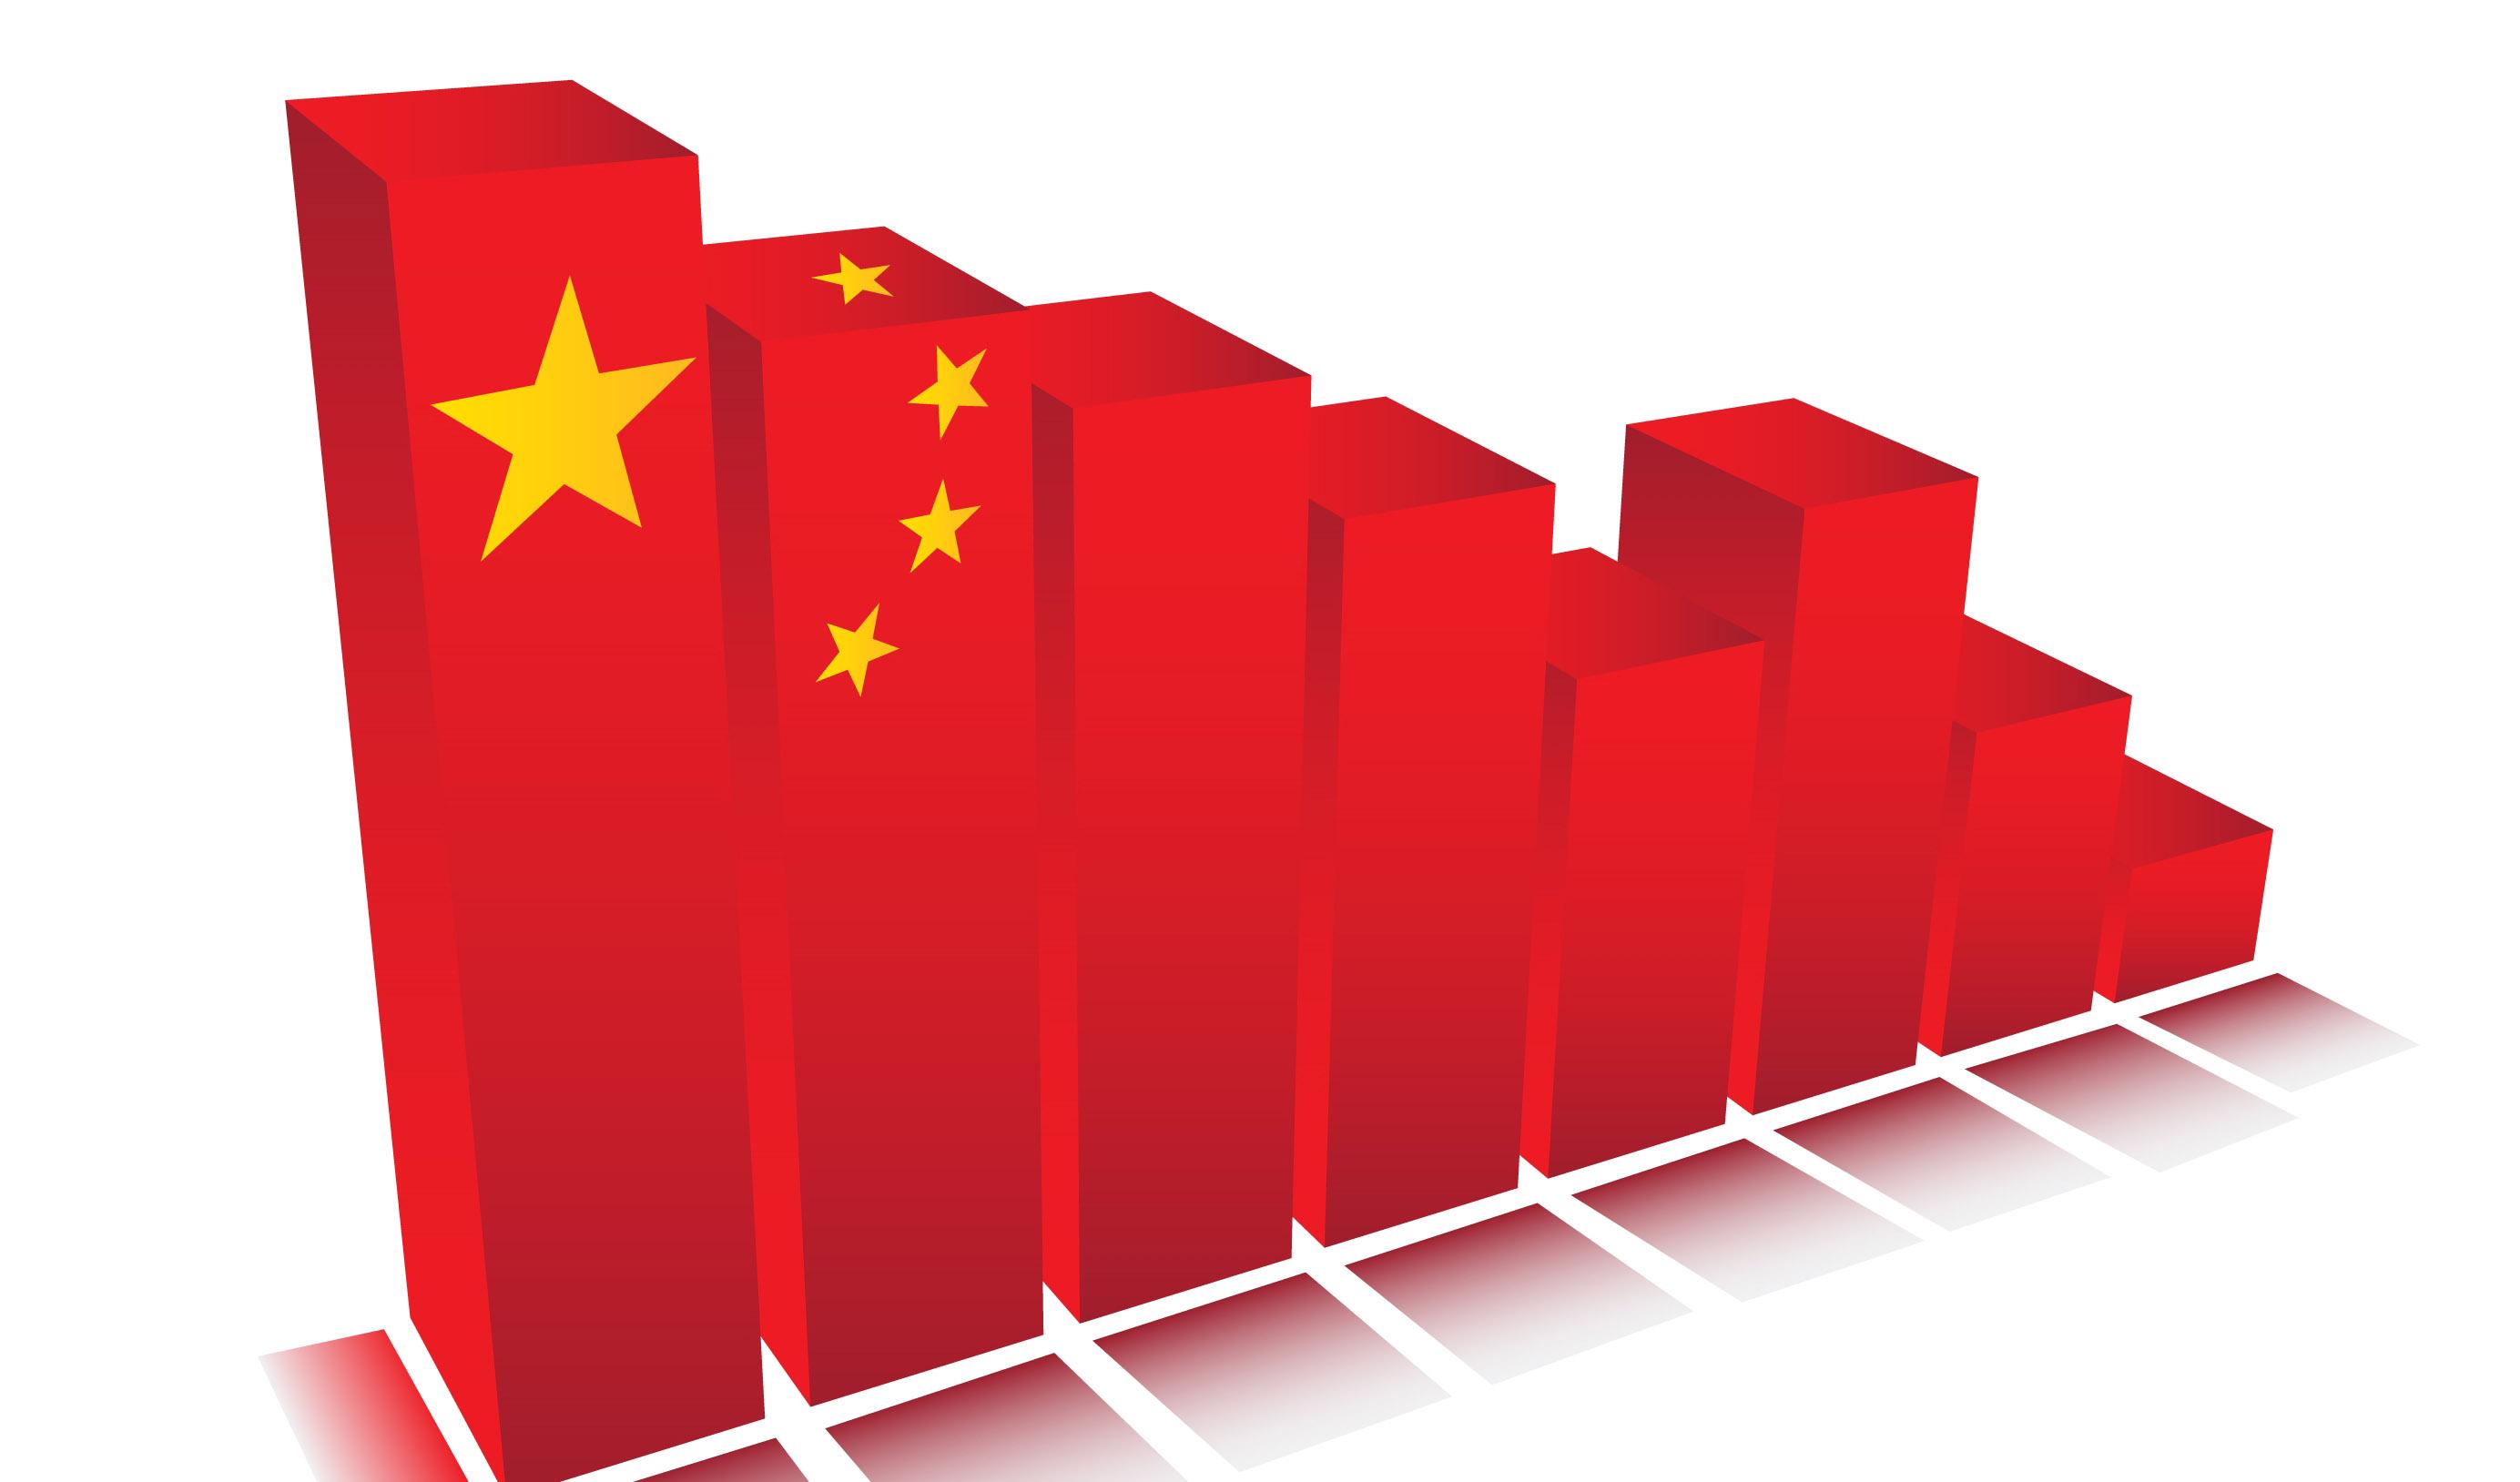 گزارش صندوق بینالمللی پول از کاهش مازاد حساب جاری چین